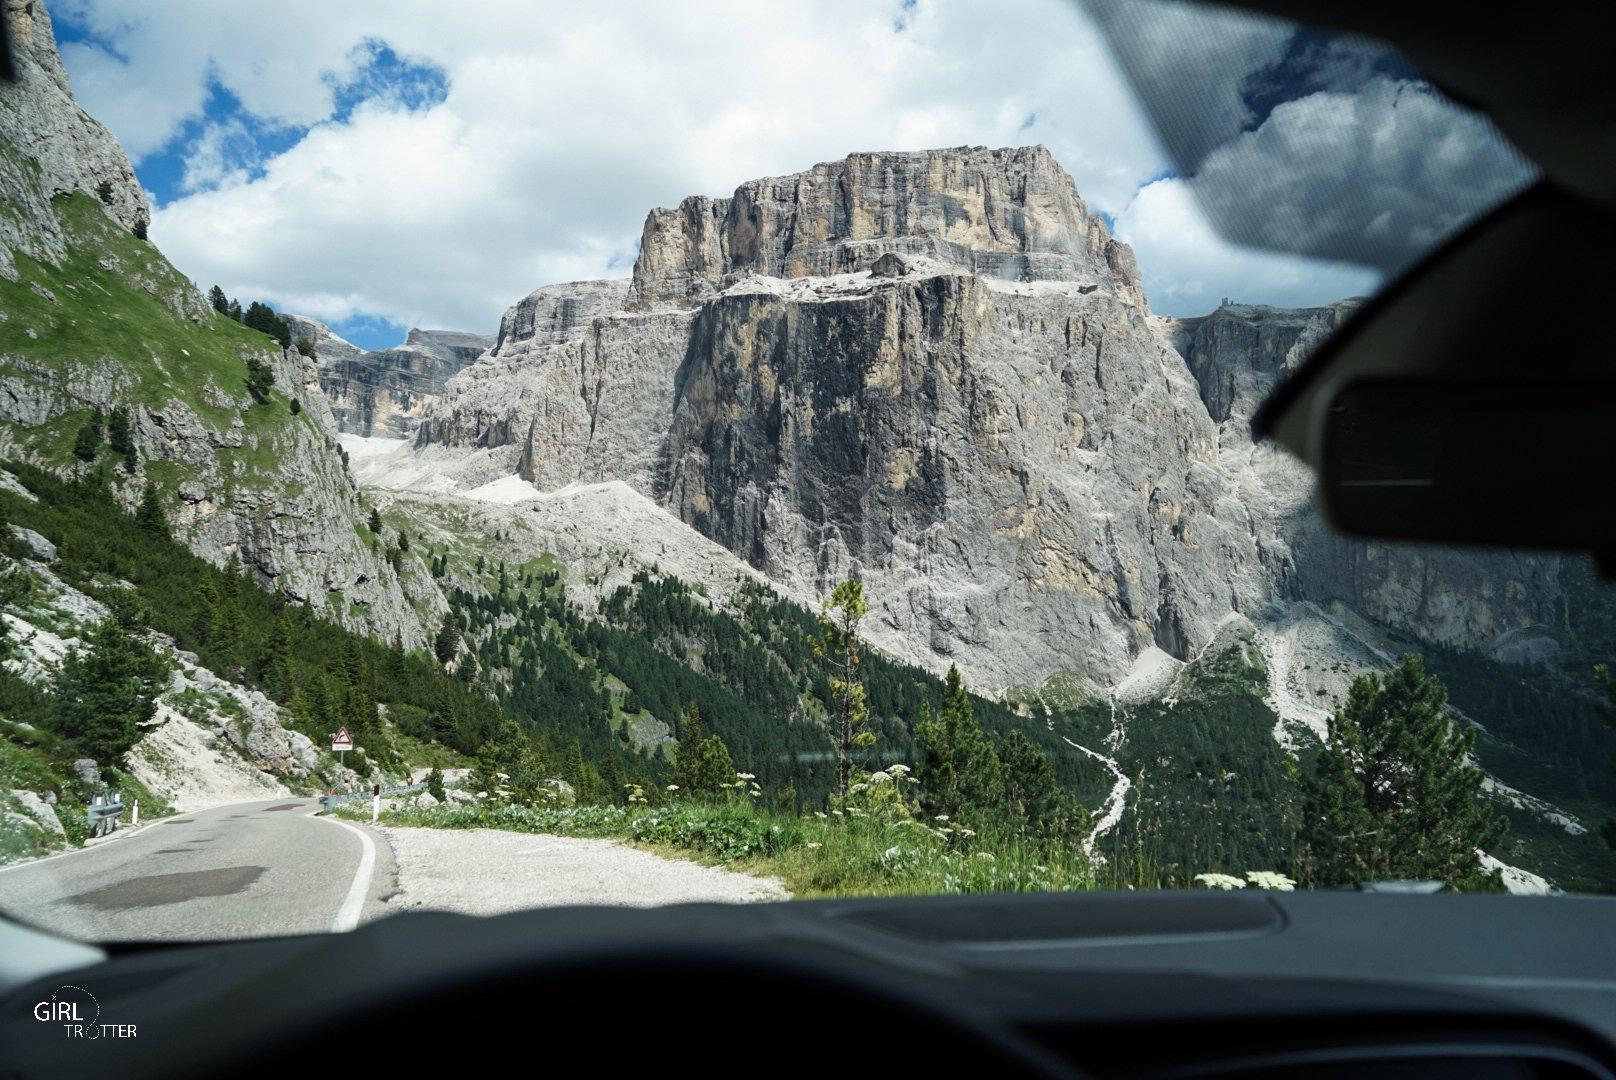 Roadtrip dans les Dolomites - Louer une voiture